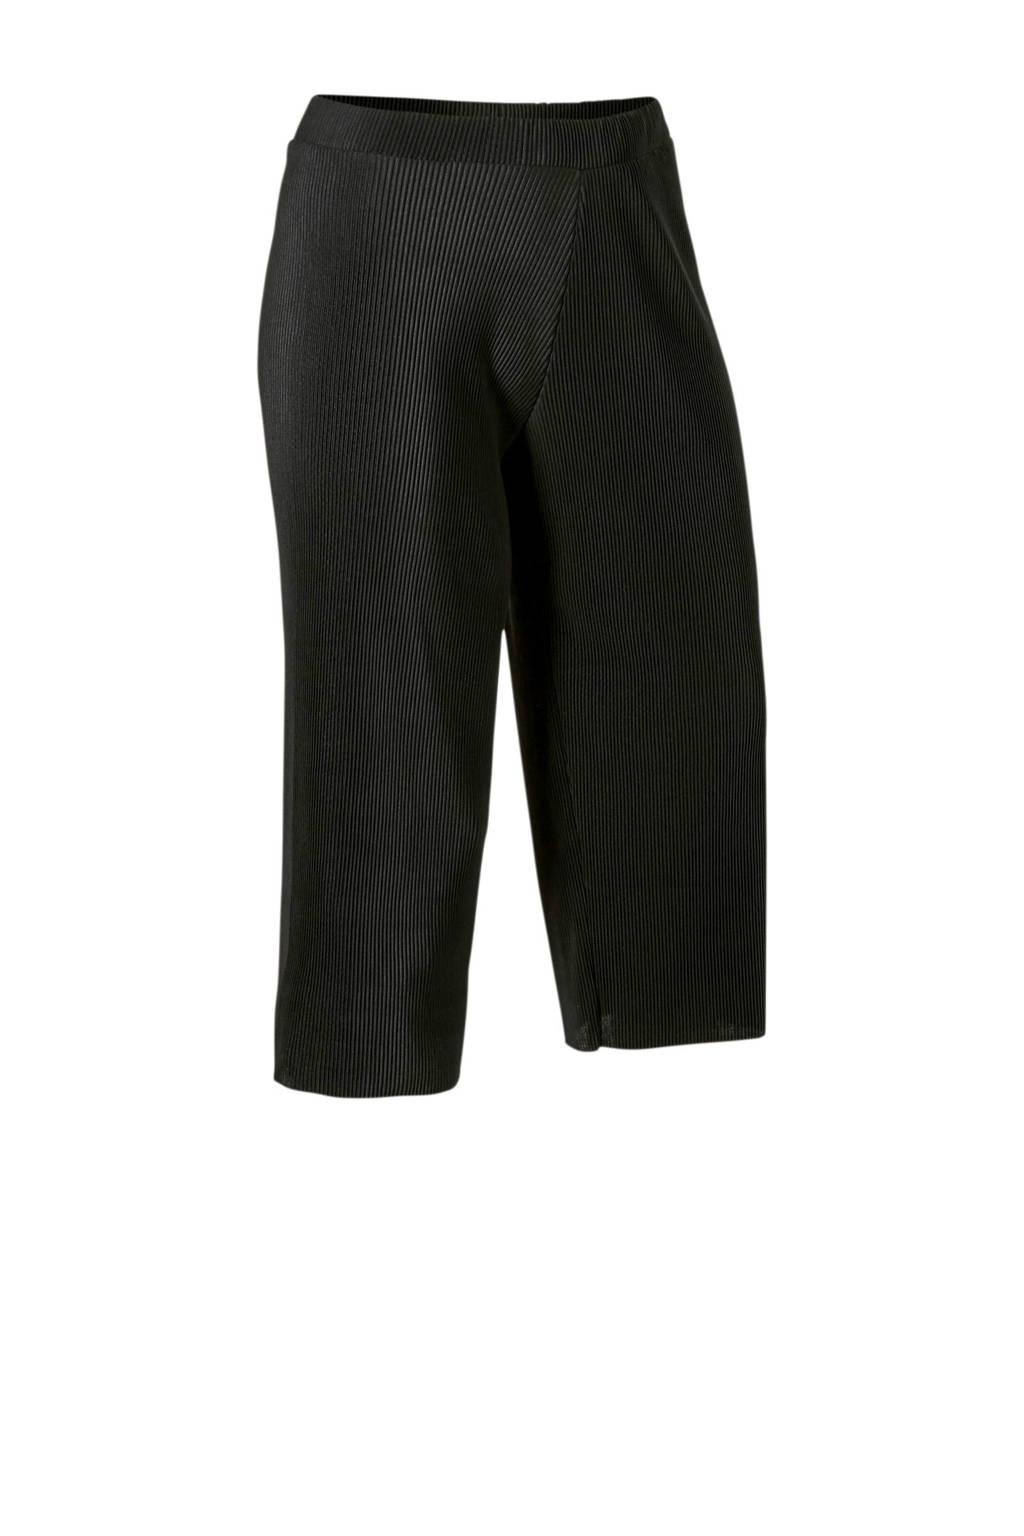 C&A XL Clockhouse culotte met plissé zwart, Zwart